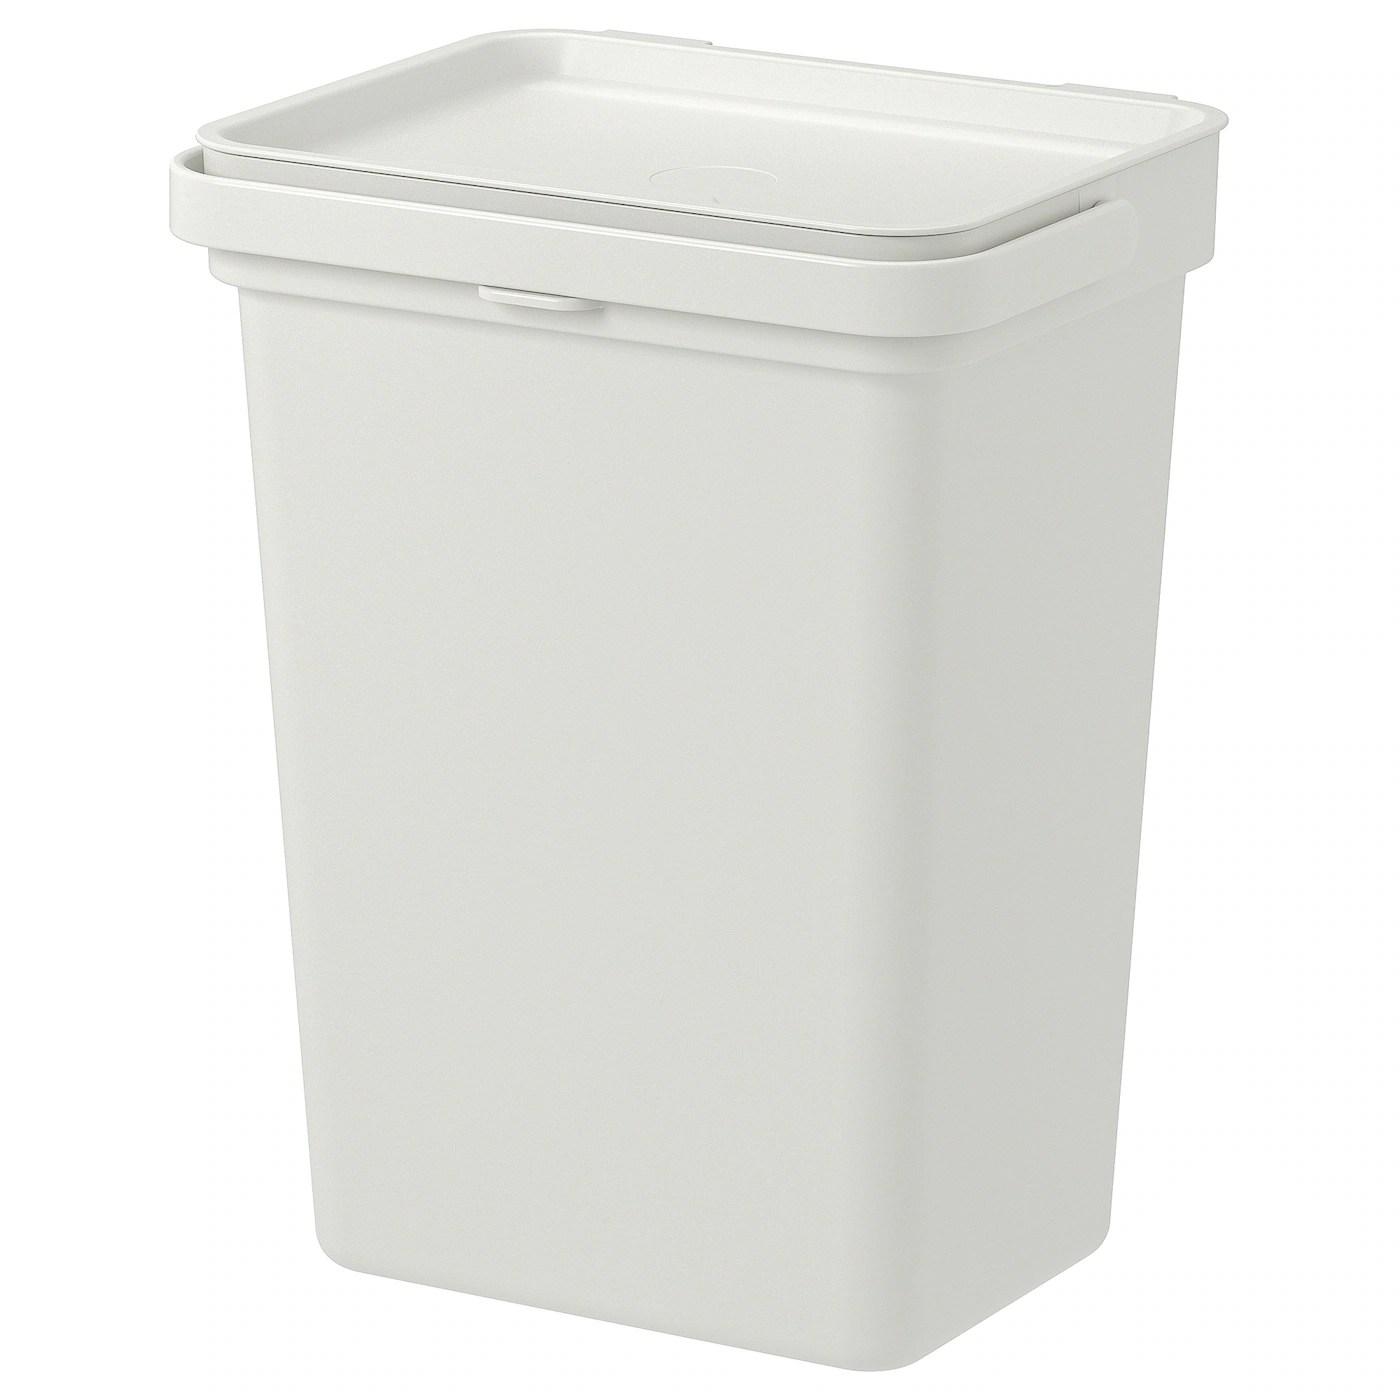 hallbar bac avec couvercle gris clair 3 gallon 10 l